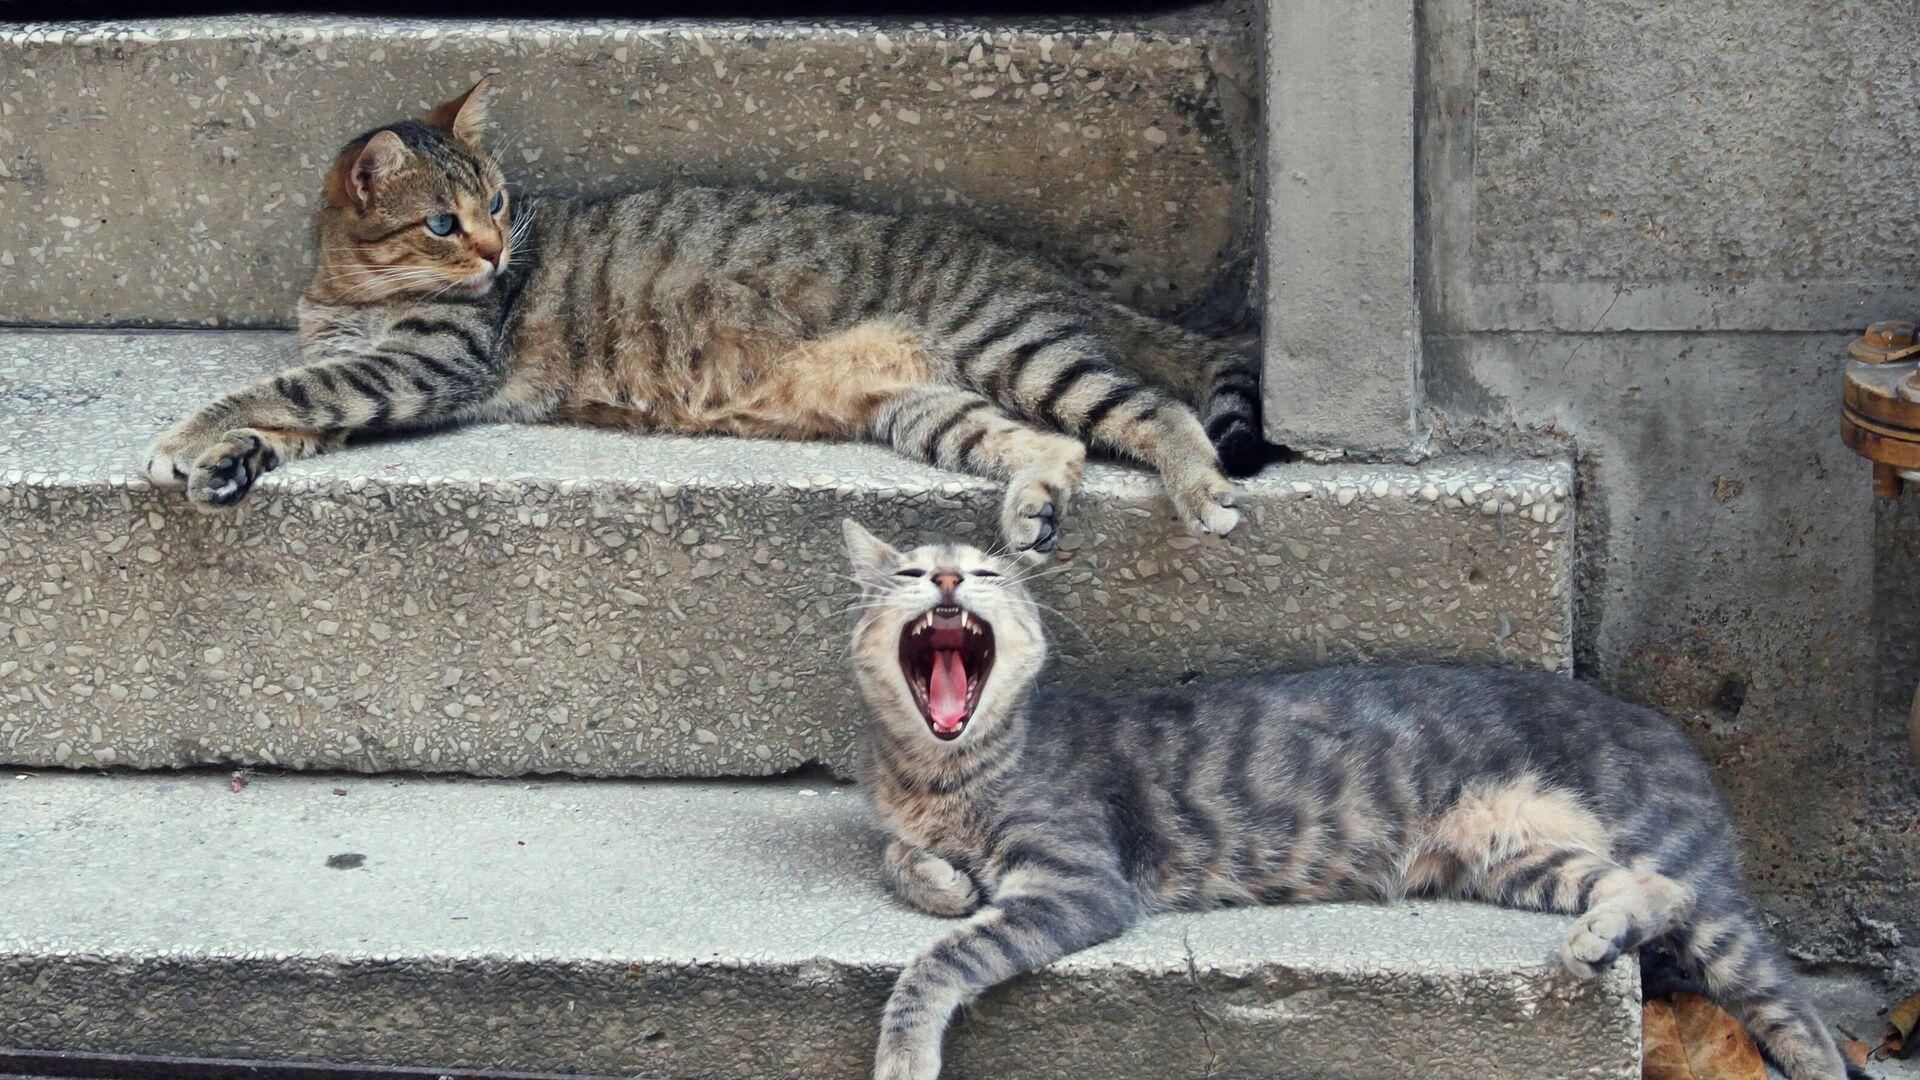 Стамбульские кошки - РИА Новости, 1920, 12.04.2021